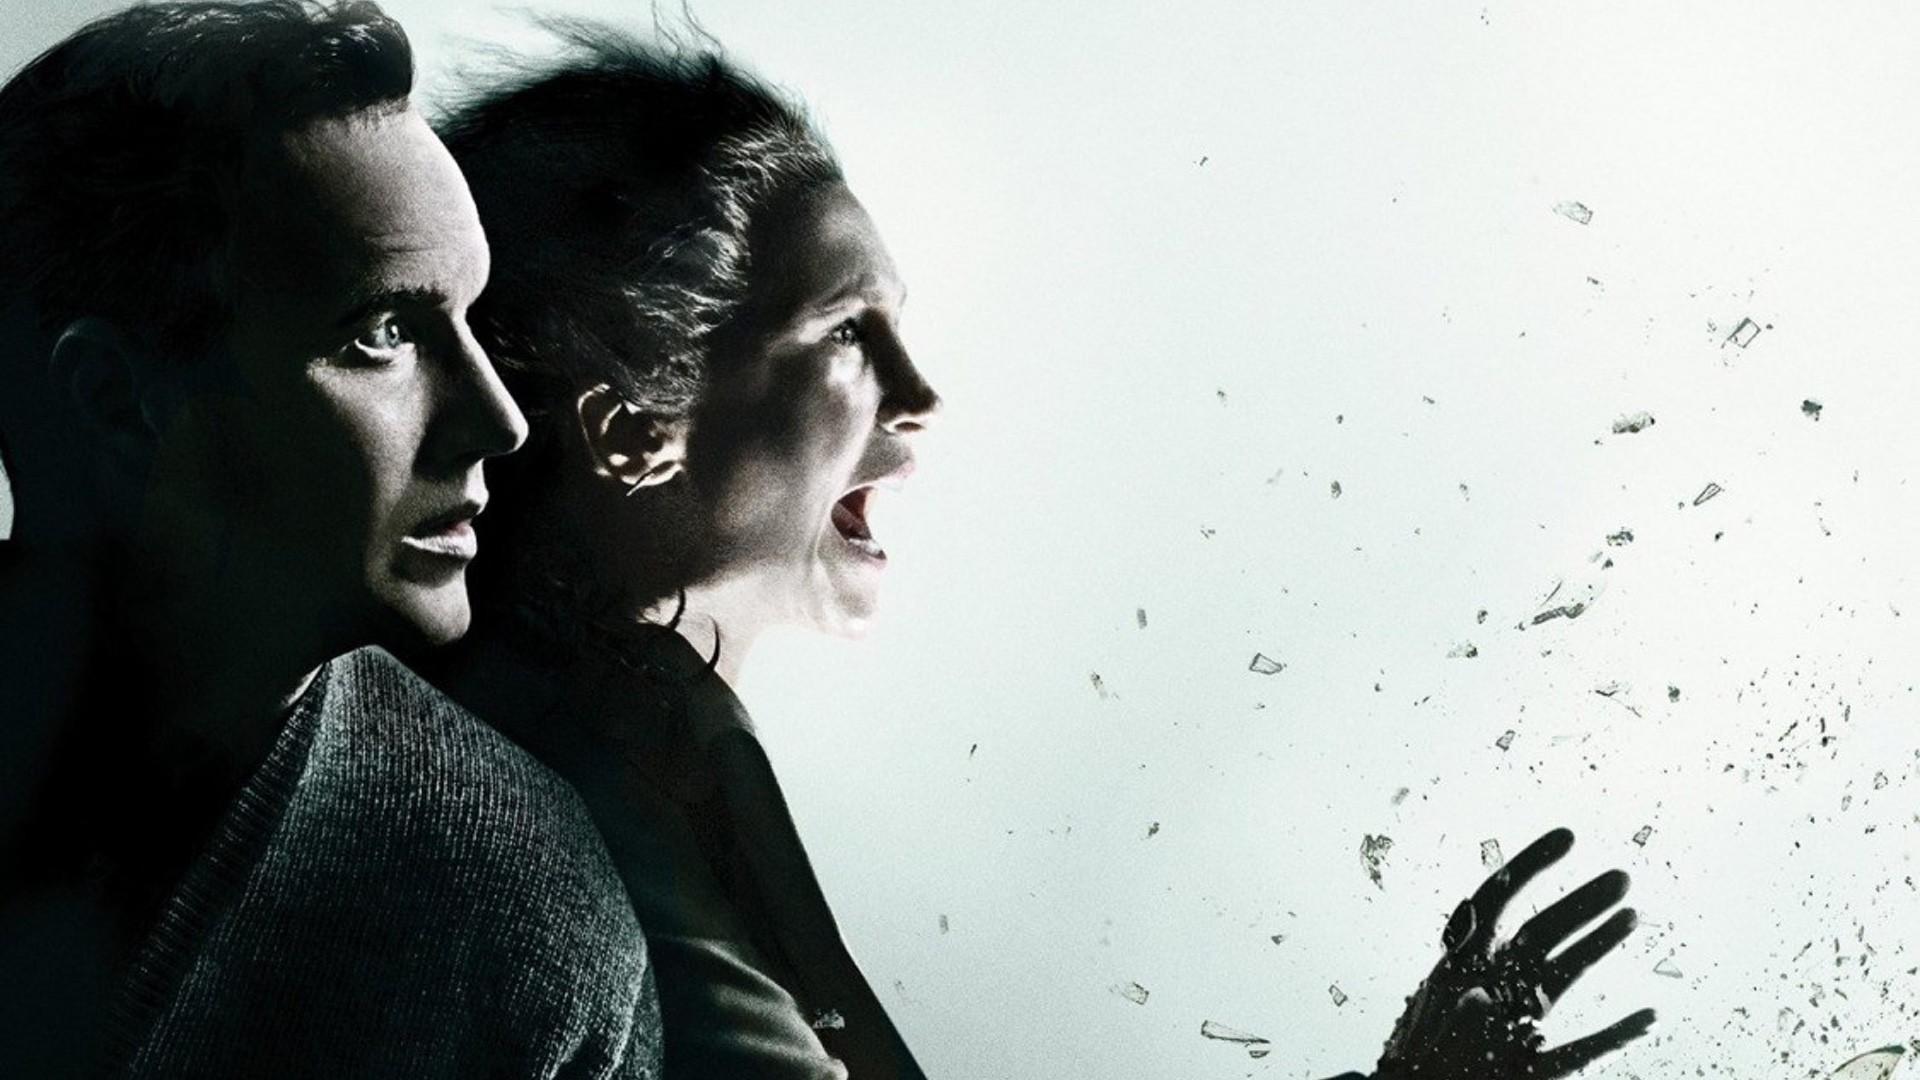 """""""Đế vương Atlantis"""" còn tung hoành ngoài rạp chiếu, James Wan đã hé lộ nội dung chính của """"The Conjuring 3"""" - Ảnh 1."""